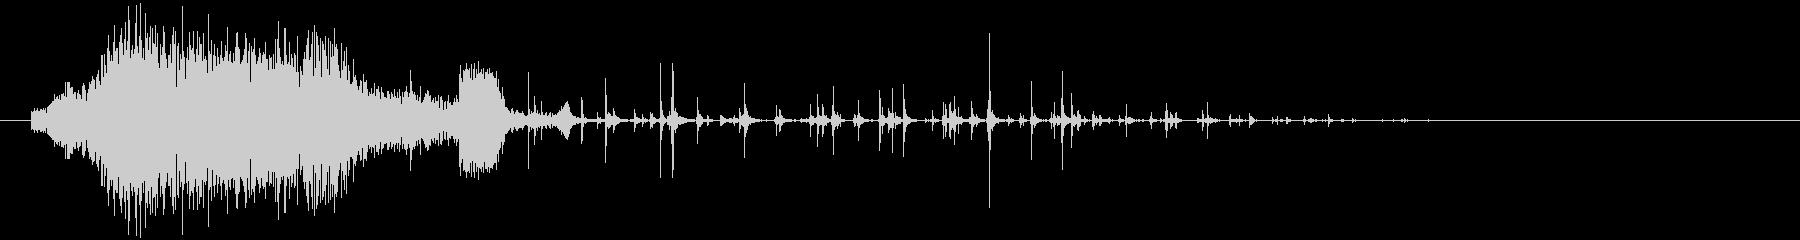 イェーイ(歓声)の未再生の波形